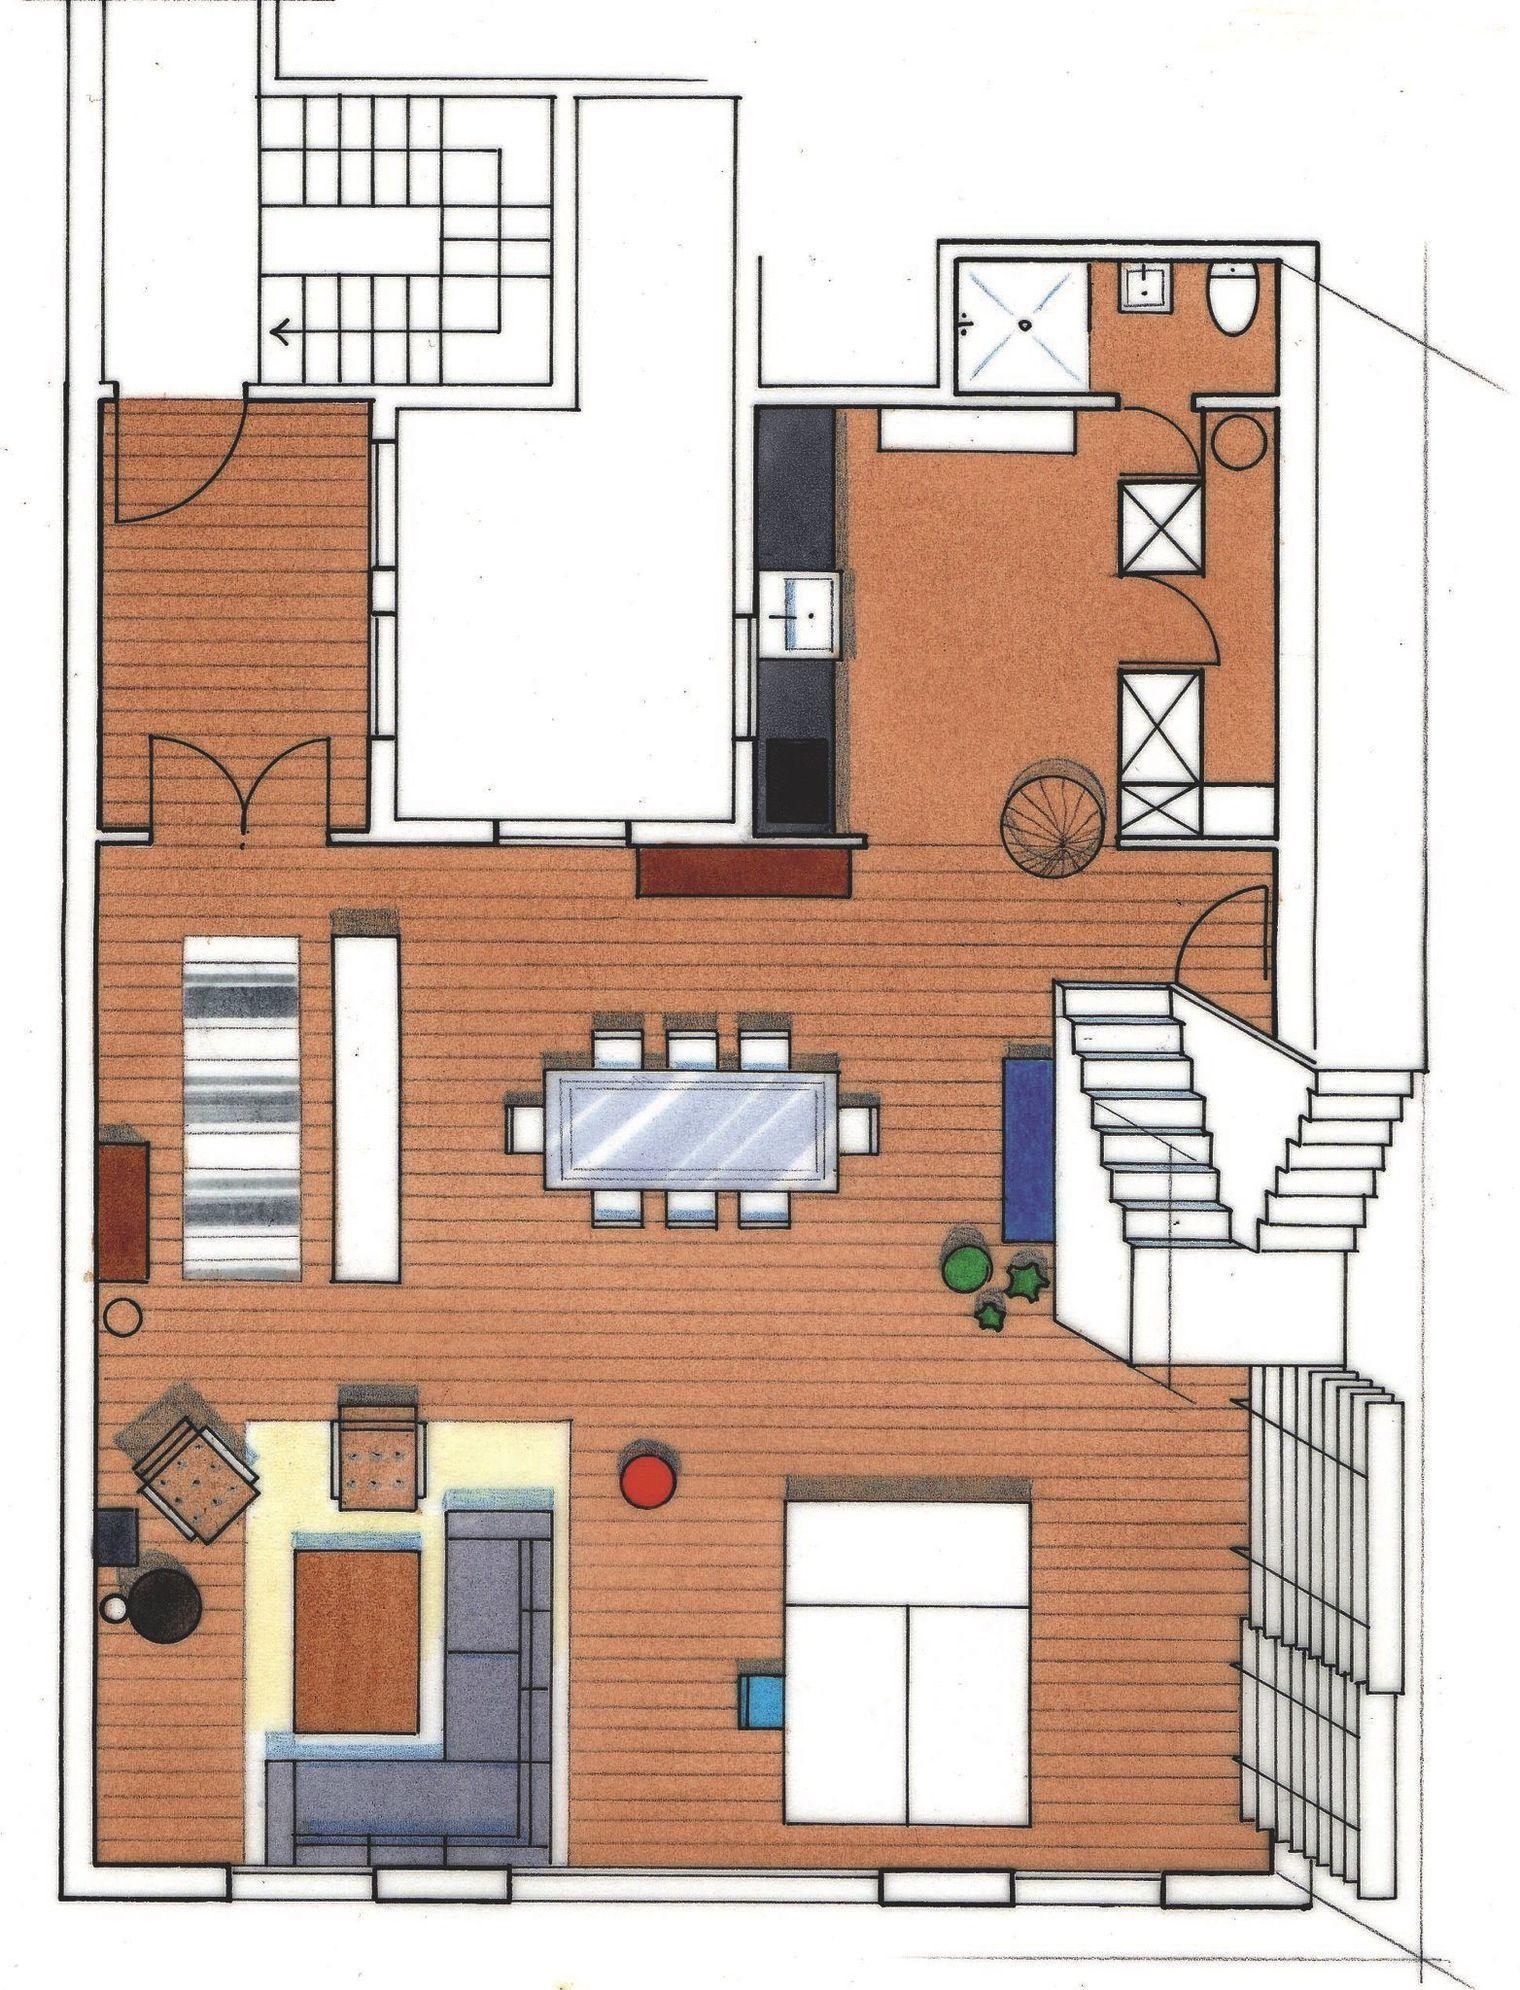 Loft d 39 architecte madrid de 175 m2 architectes madrid - Realiser plan de maison ...